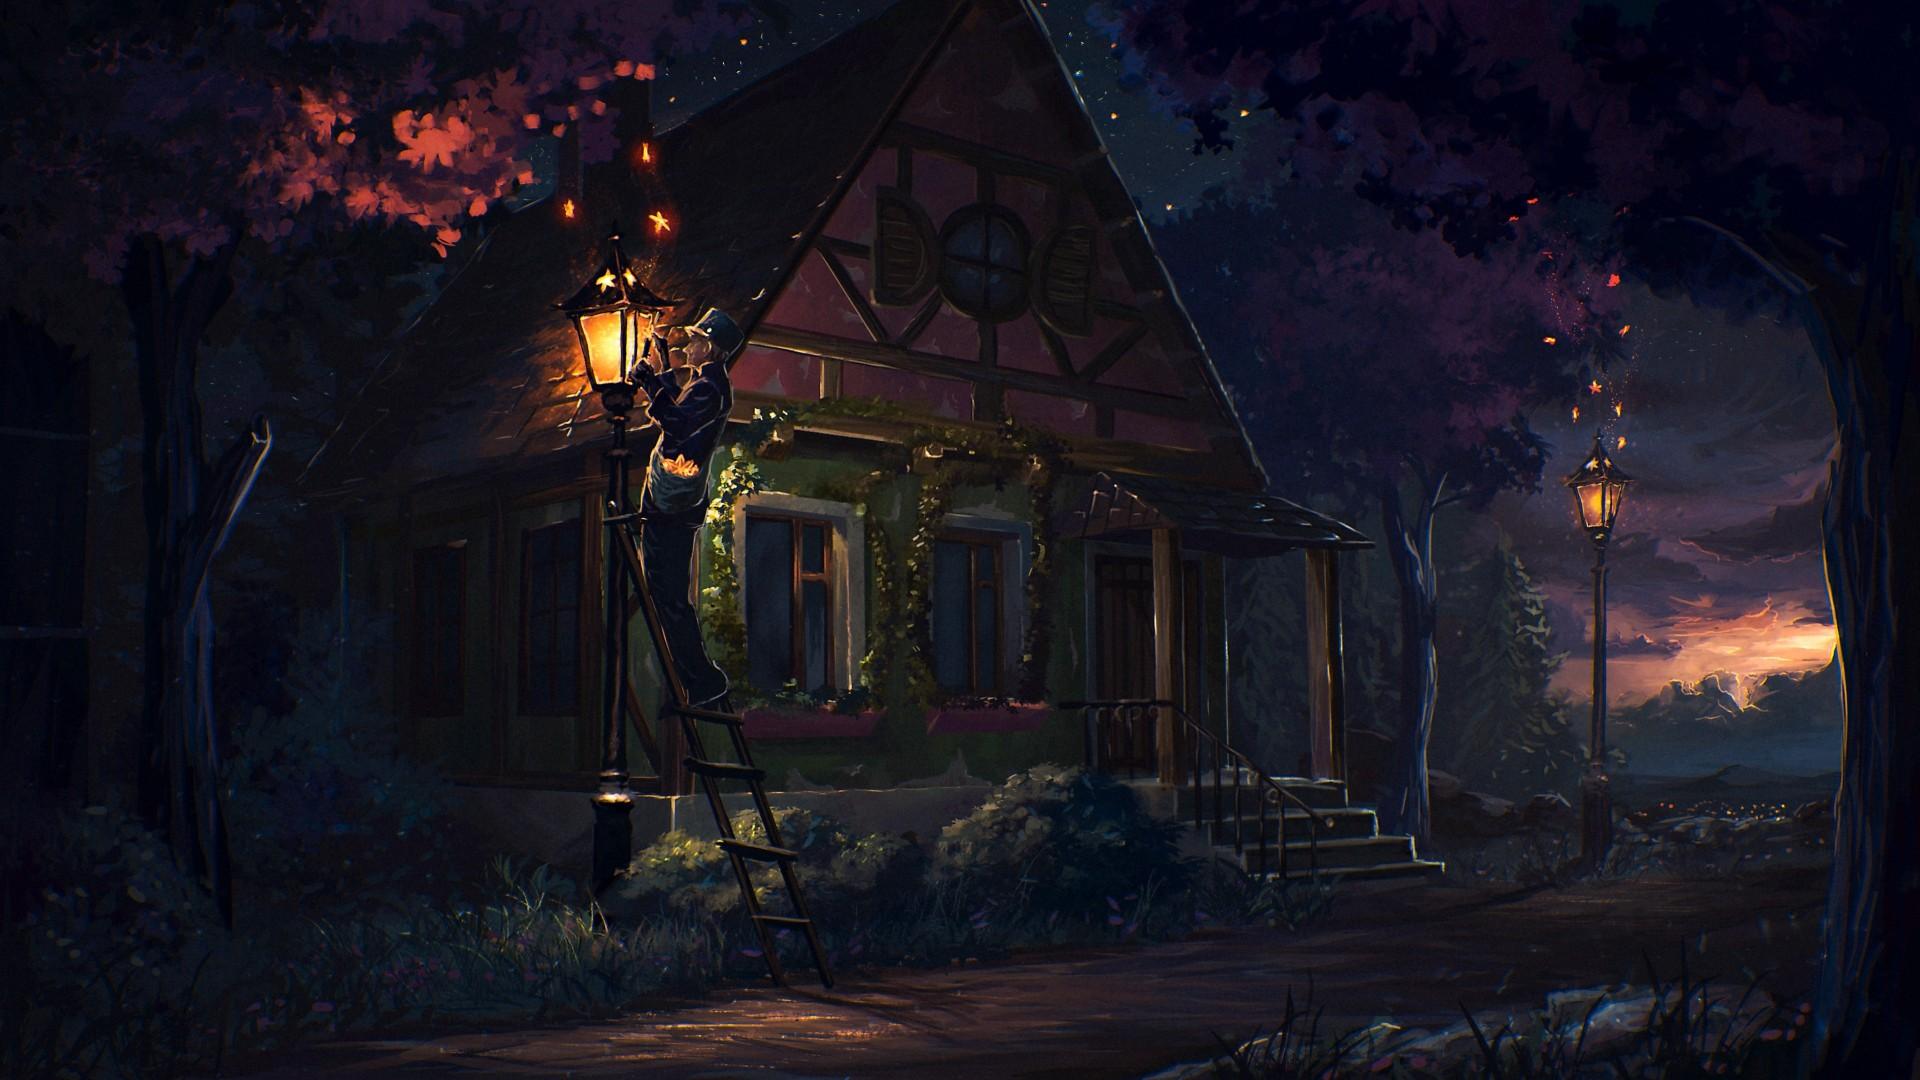 Res: 1920x1080, Fairy Tale House Light in Night Beautiful Desktop Wallpaper